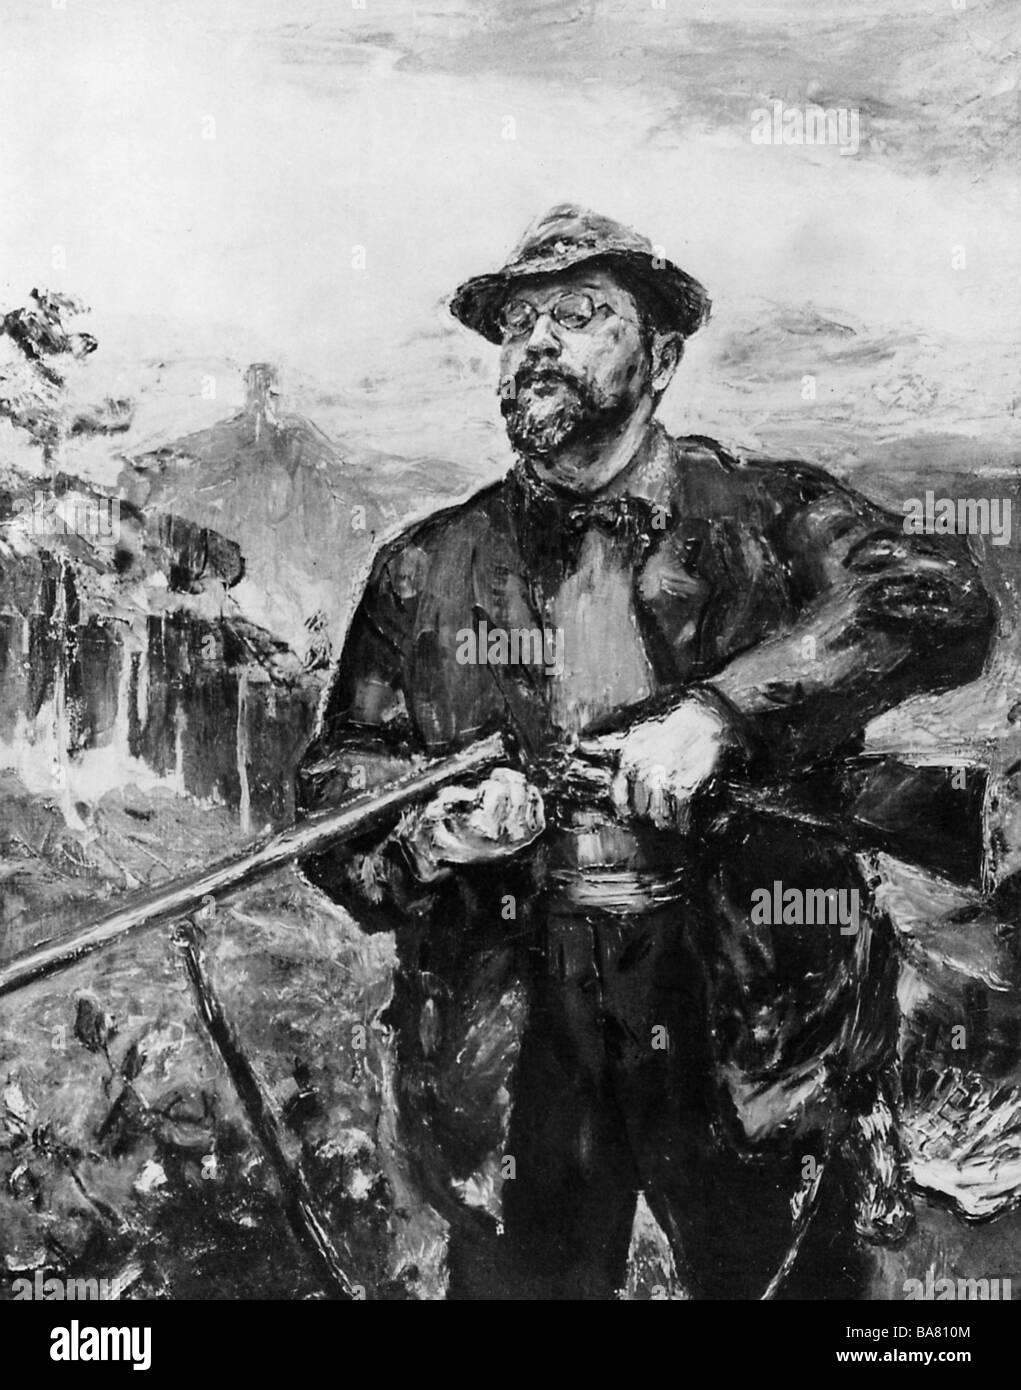 Slevogt, Max, 8.10.88 - 20.9.1932, deutscher Maler und Grafiker, halbe Länge, Selbstporträt als Jäger, 1907, Stockfoto